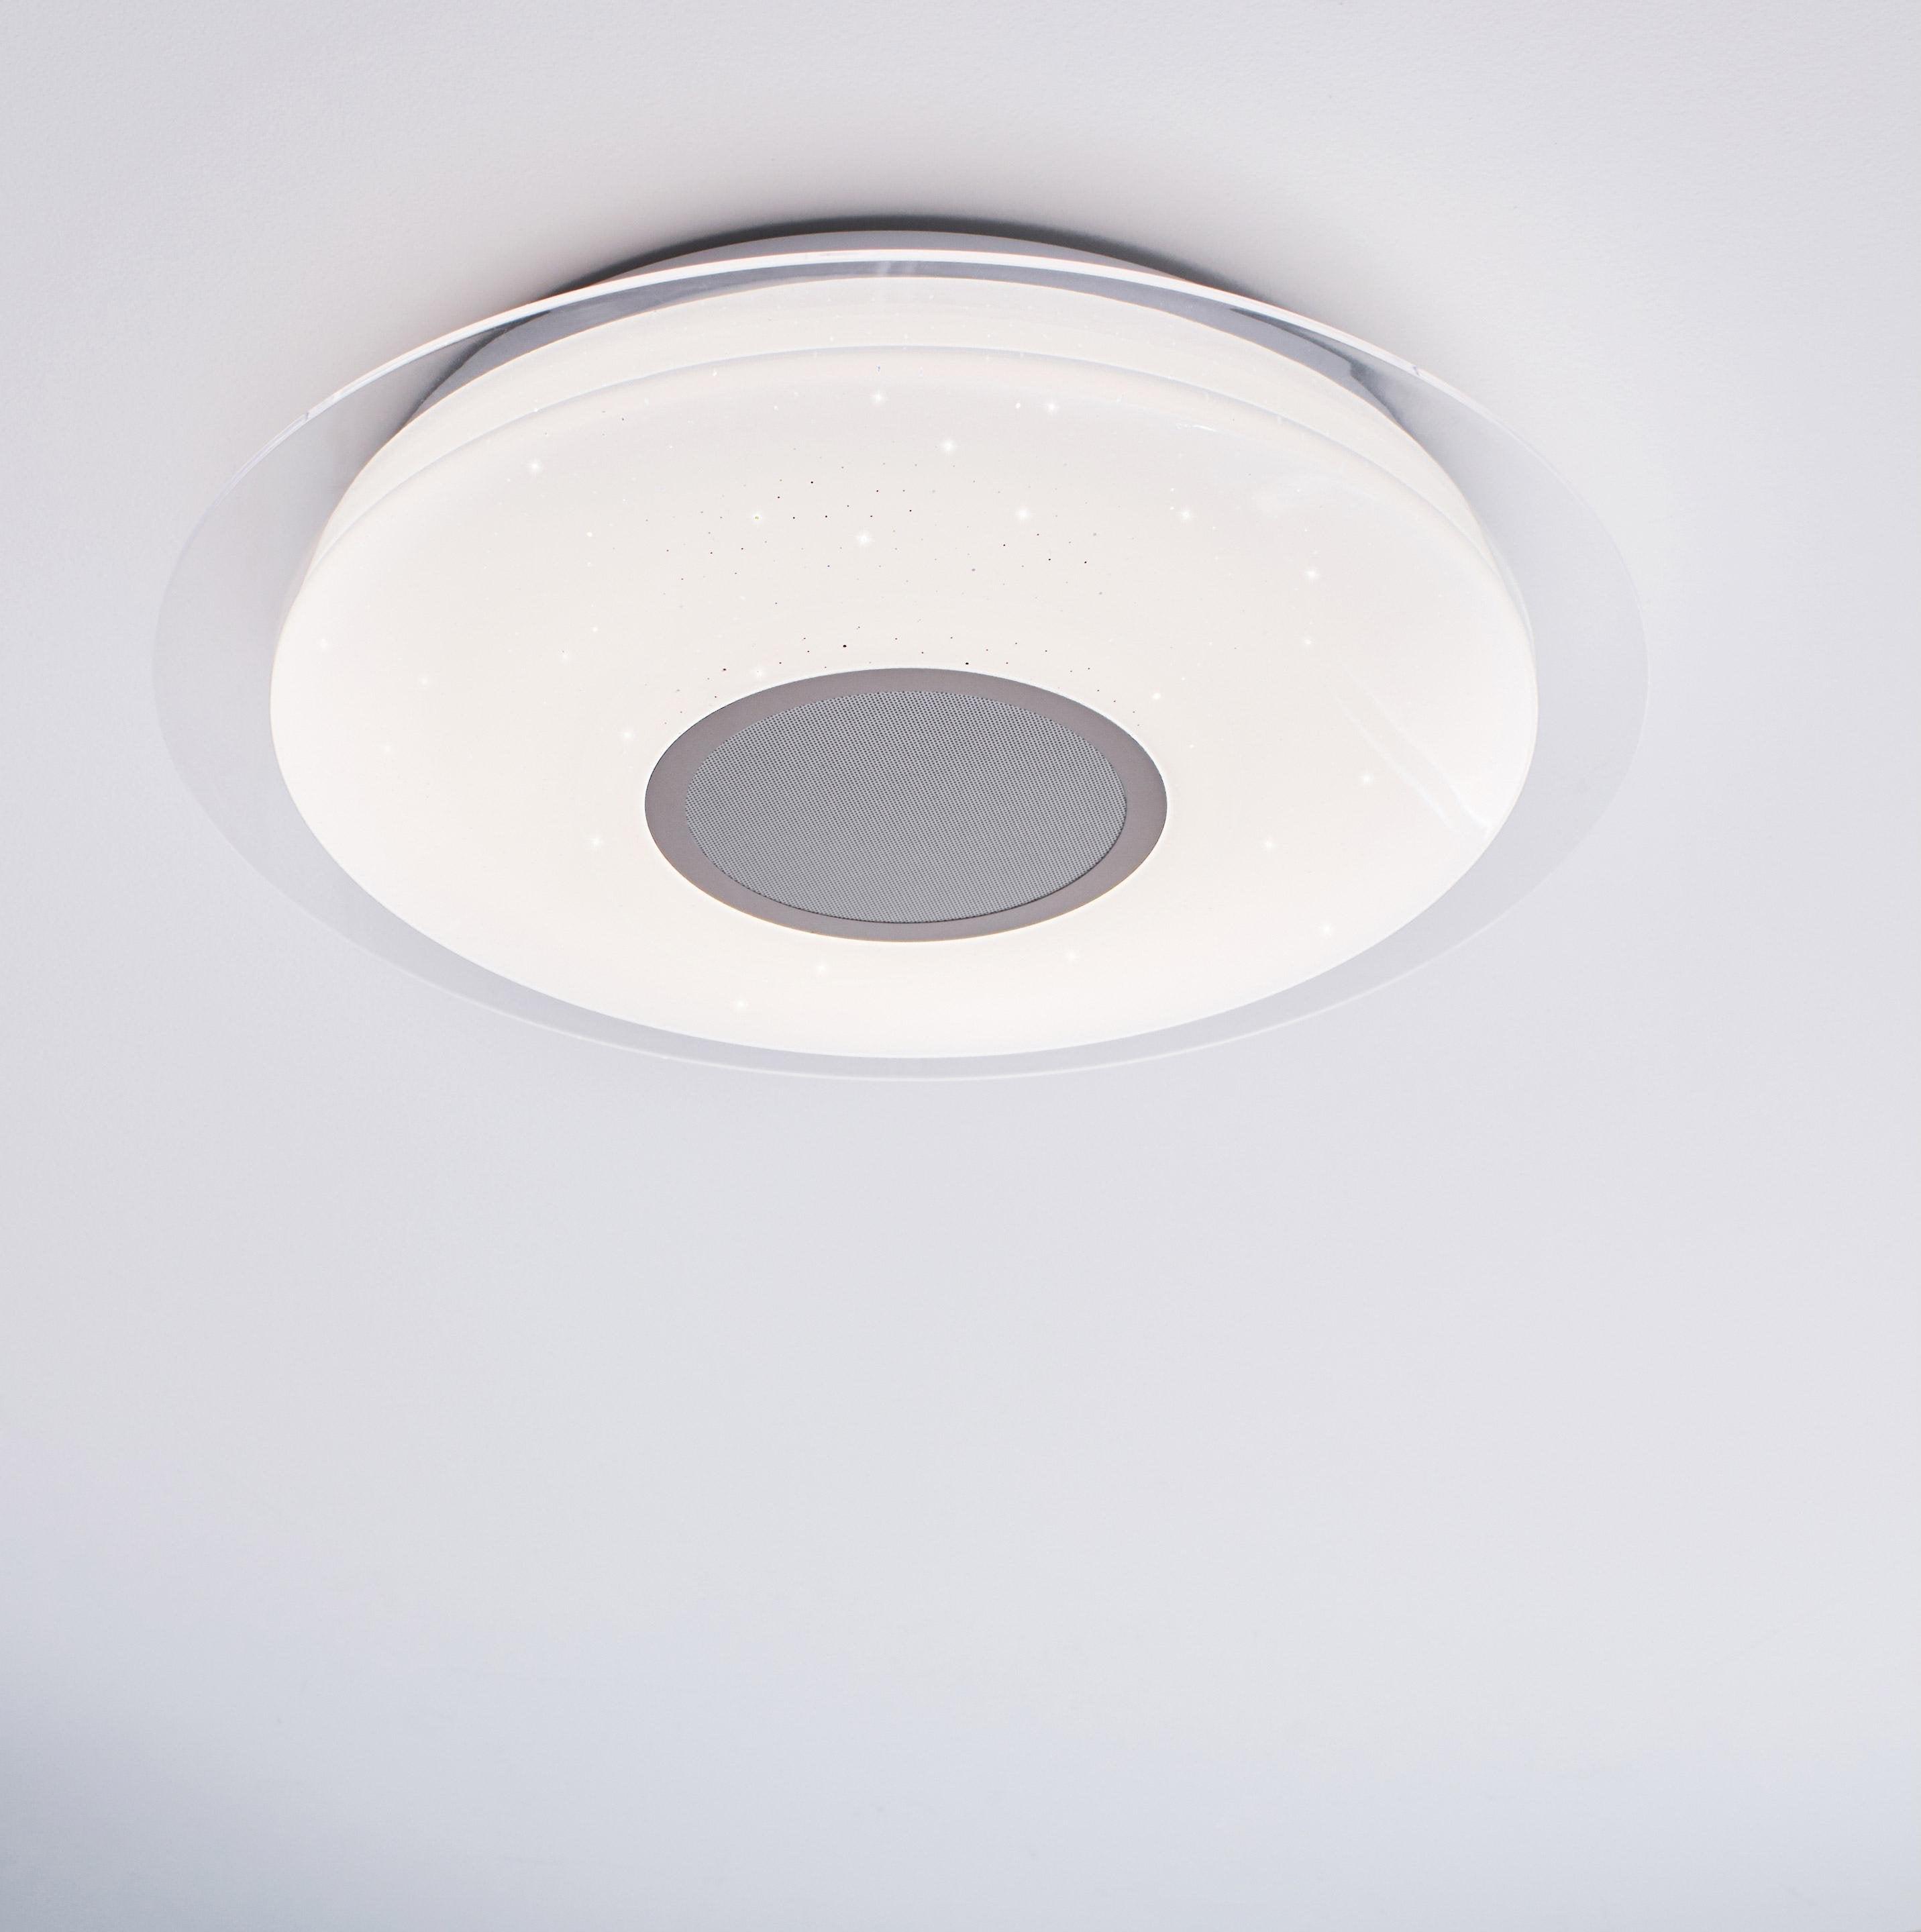 Plafonnier connecté, led intégrée, blanc chaud blanc froid Vizzini D.40 cm